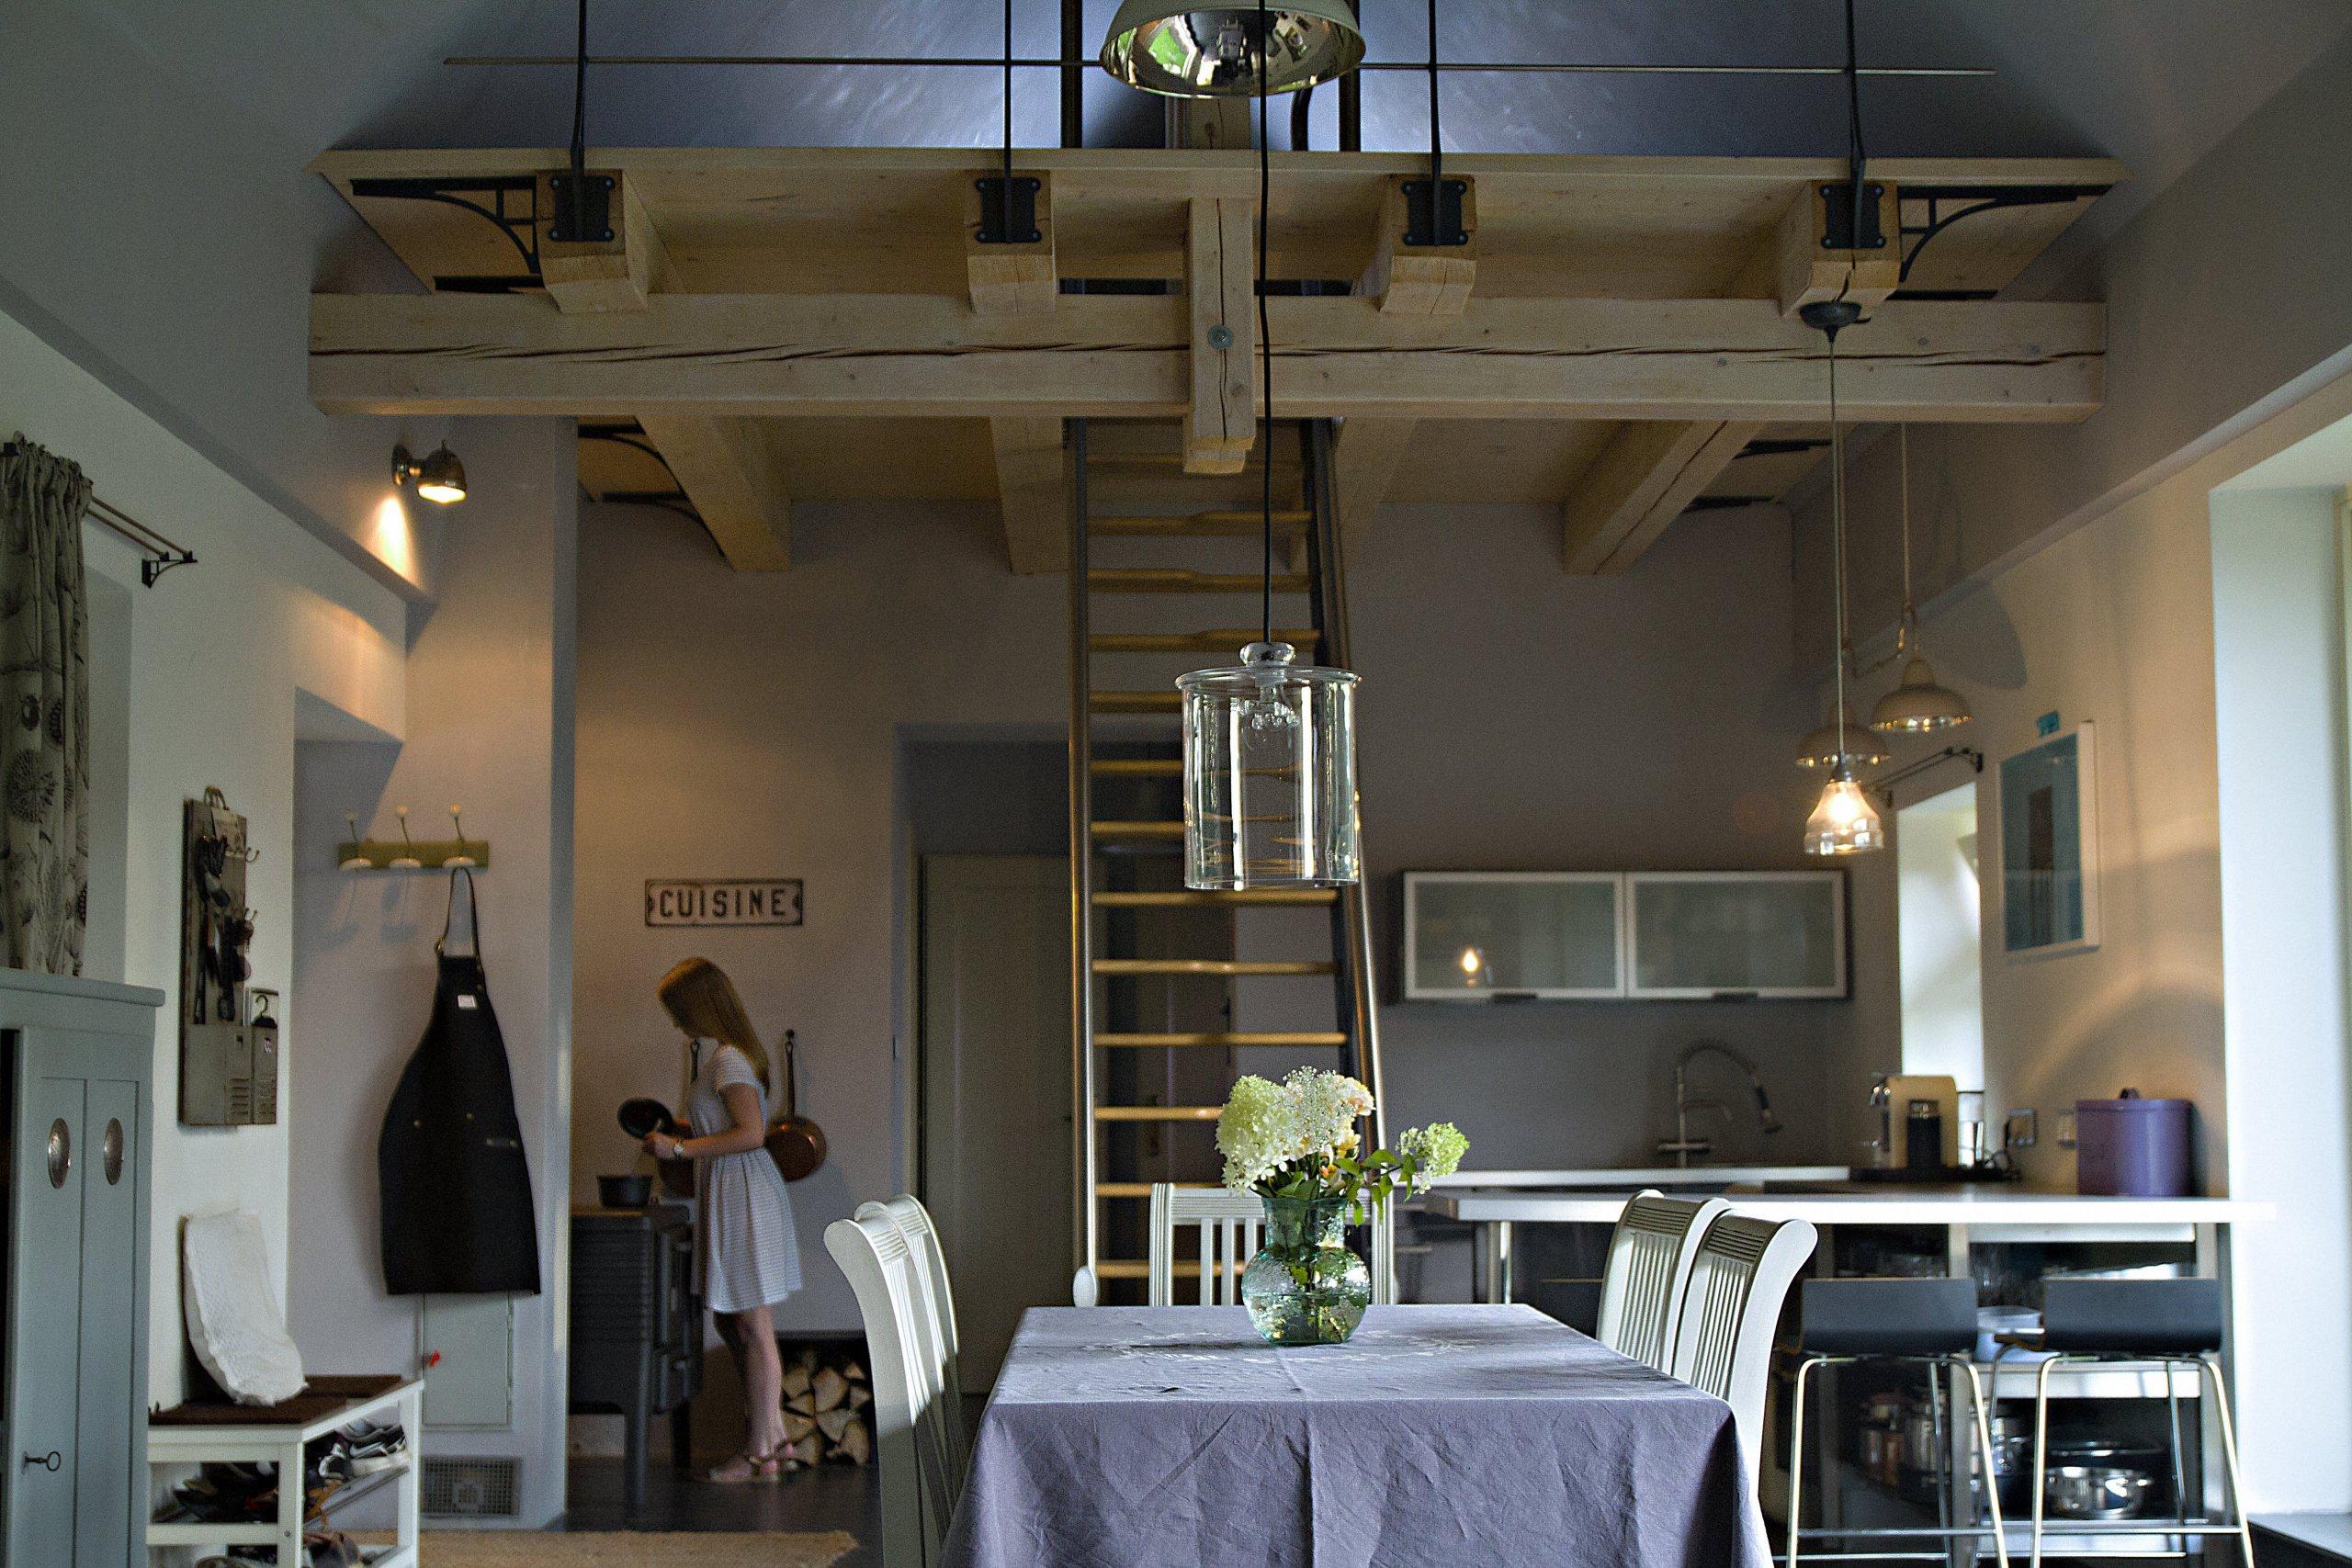 Pohled z druhé strany na jídelnu a kuchyni s litinovým sporáčkem. Po mlynářských schodech se dostanete do podkroví, kde je prostor pro hosty.